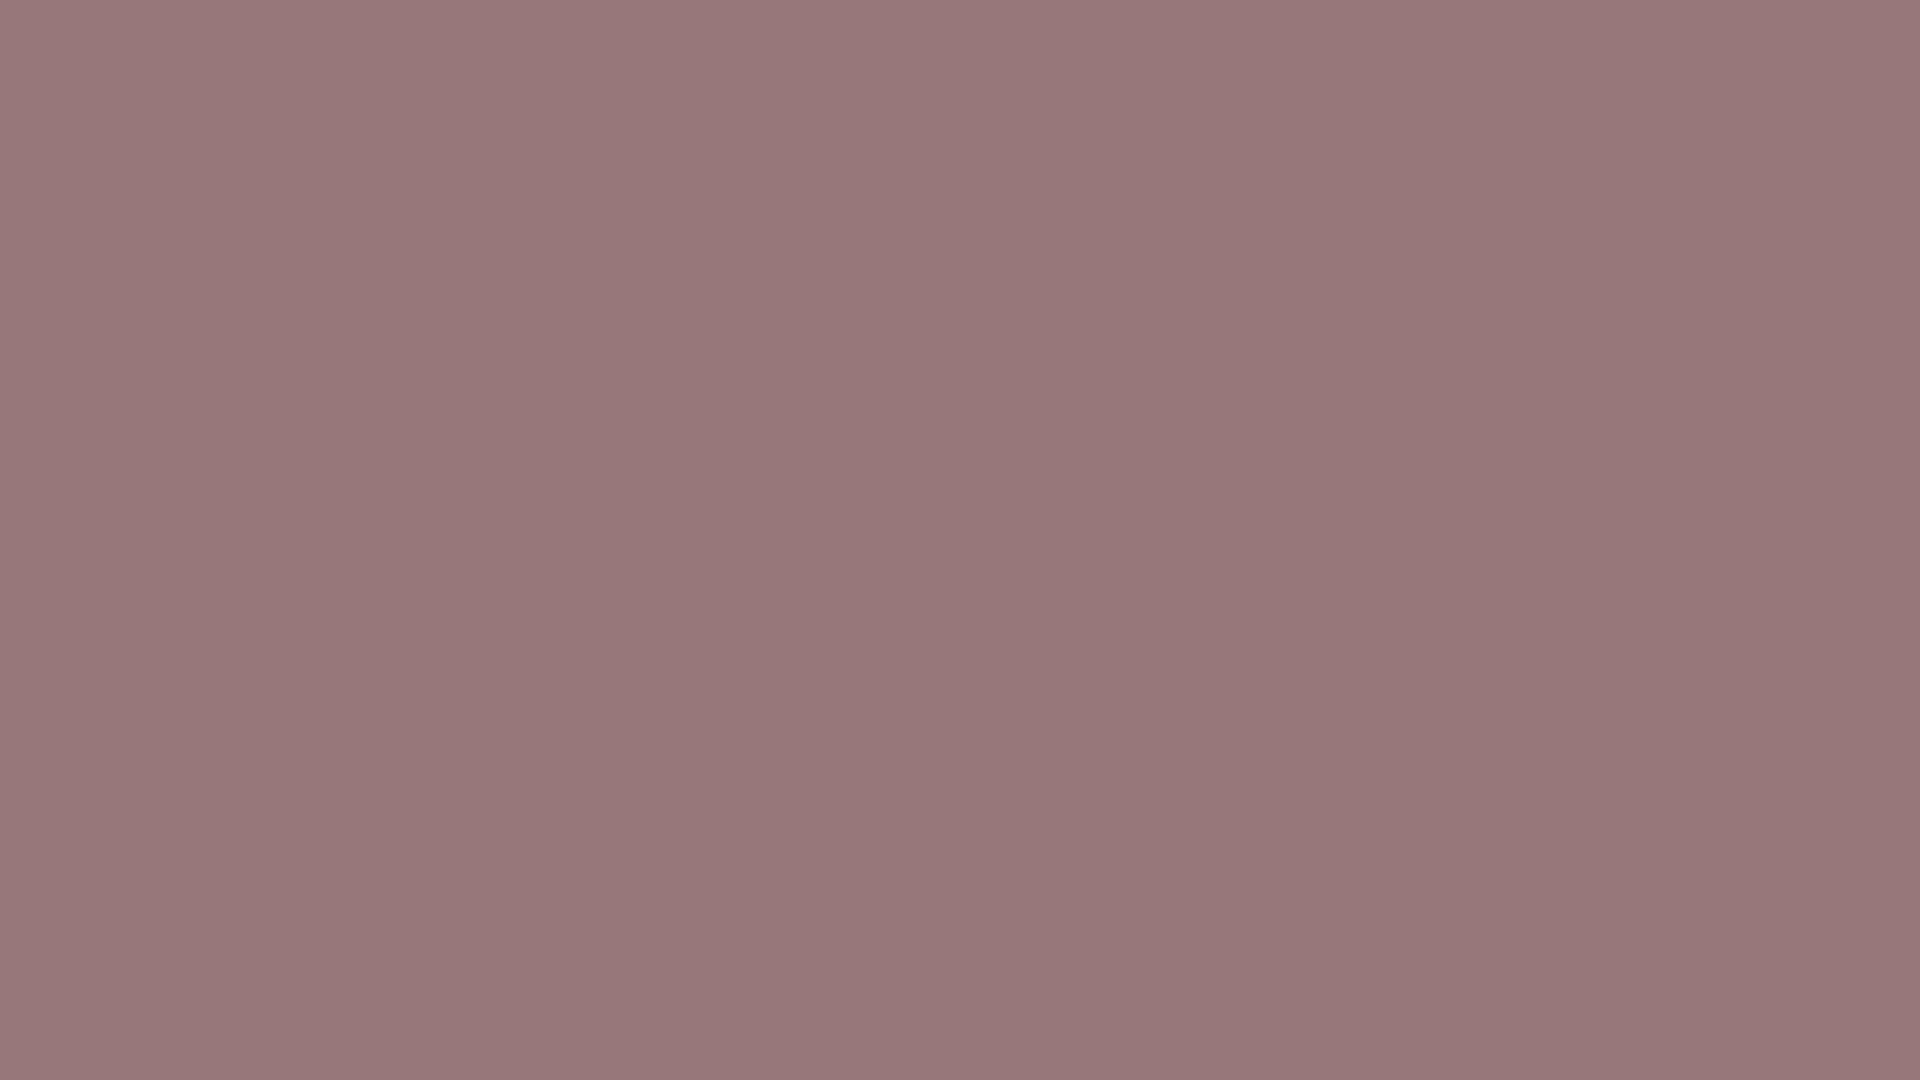 1920x1080 Bazaar Solid Color Background